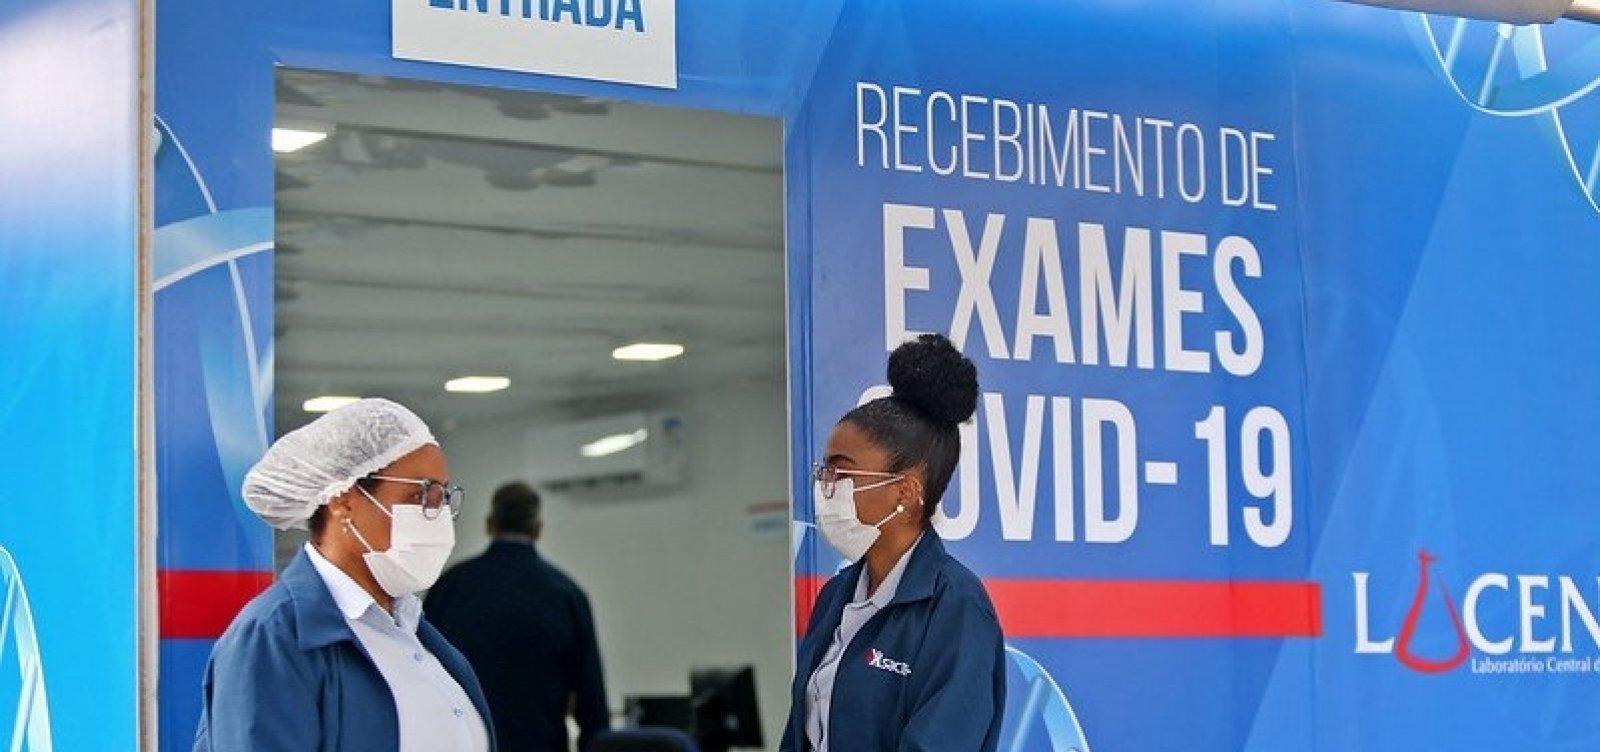 Bahia registra mais 3.295 casos e 39 óbitos por Covid-19 em 24h